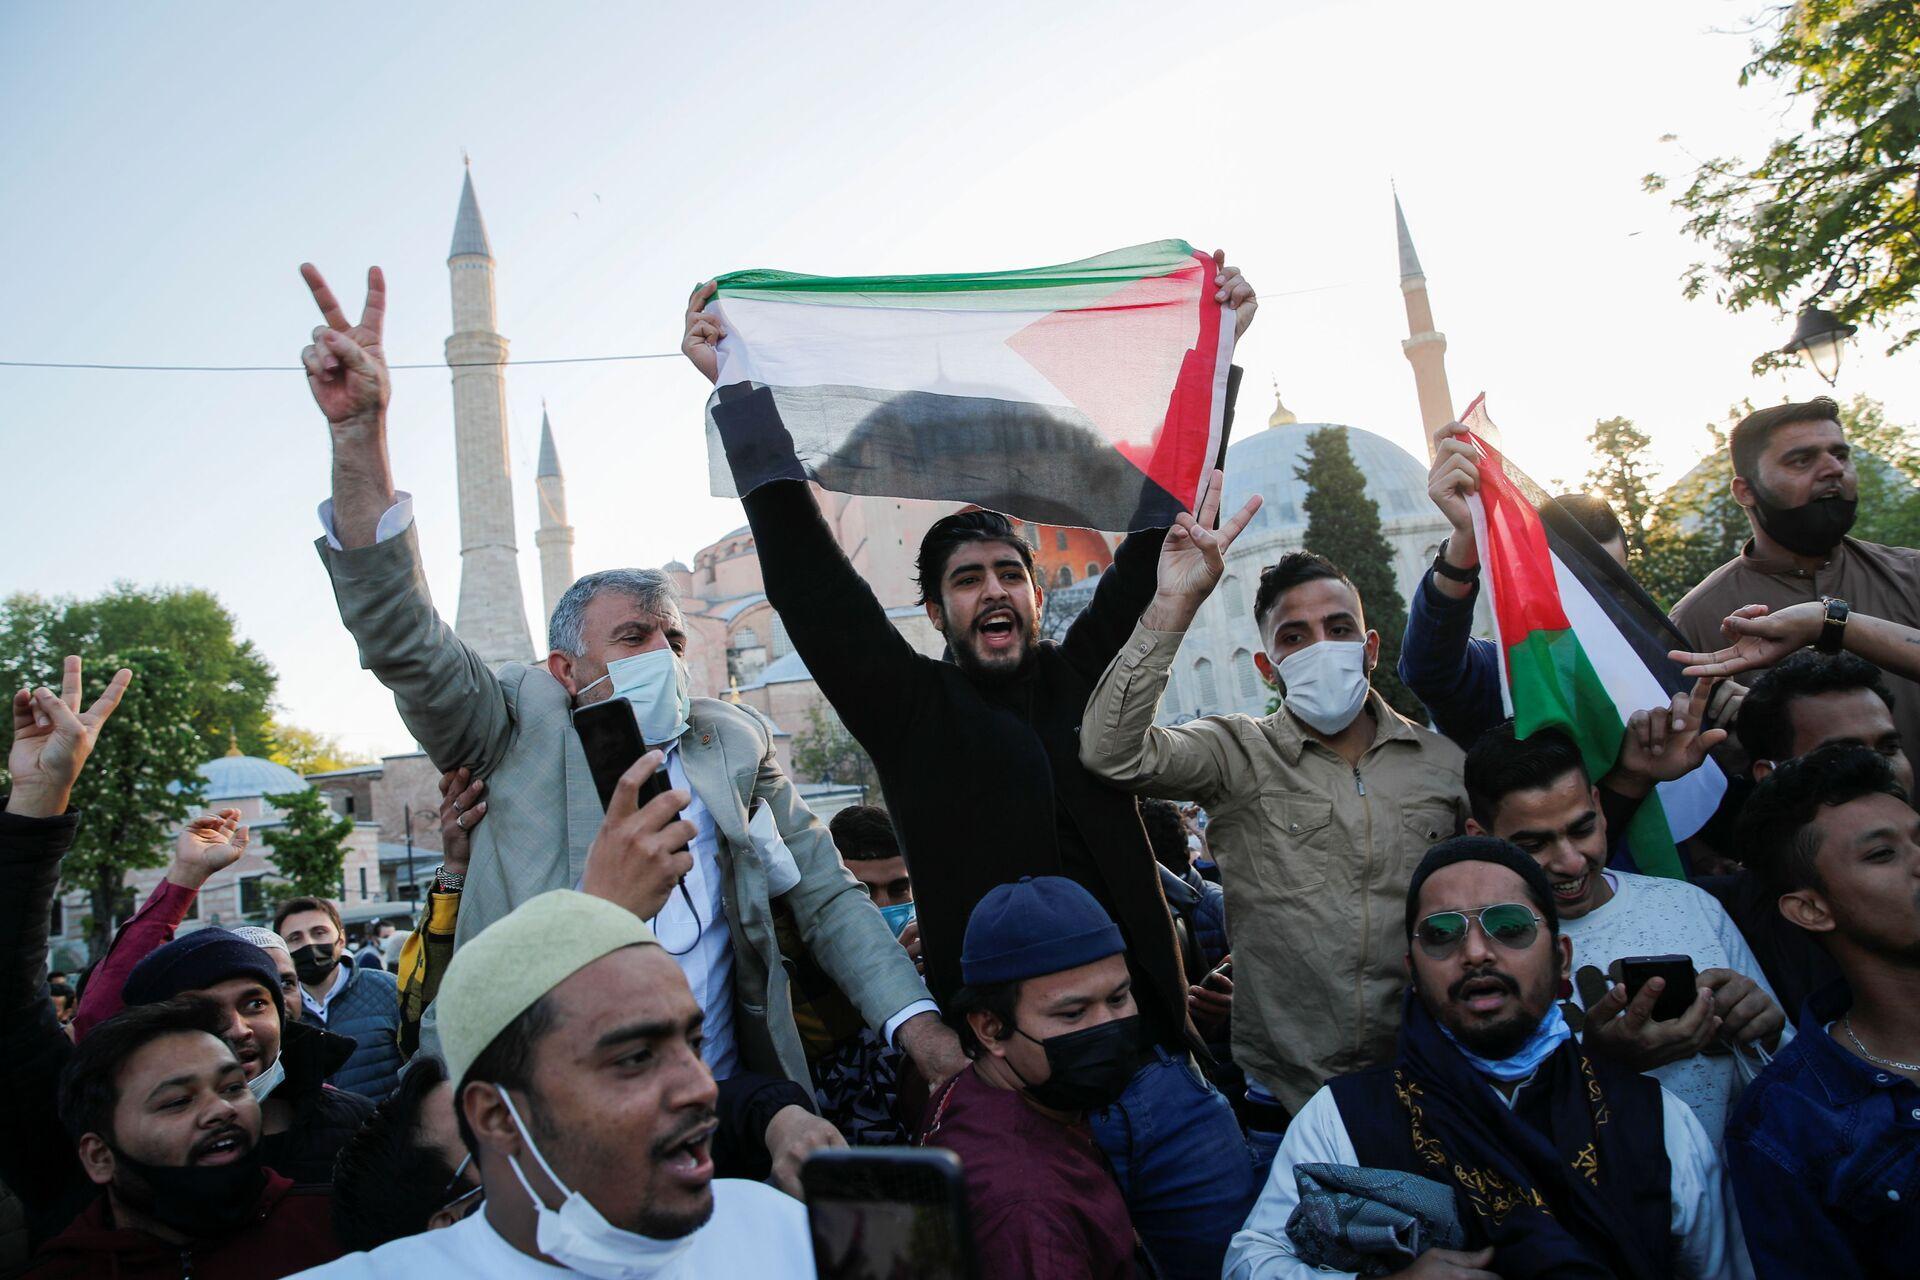 Le persone gridano slogan in solidarietà con il popolo palestinese dopo aver partecipato alla preghiera di Eid Al Fitr, che segna la fine del digiuno sacro del mese di Ramadan, vicino alla Grande Moschea di Santa Sofia - Sputnik Italia, 1920, 18.05.2021